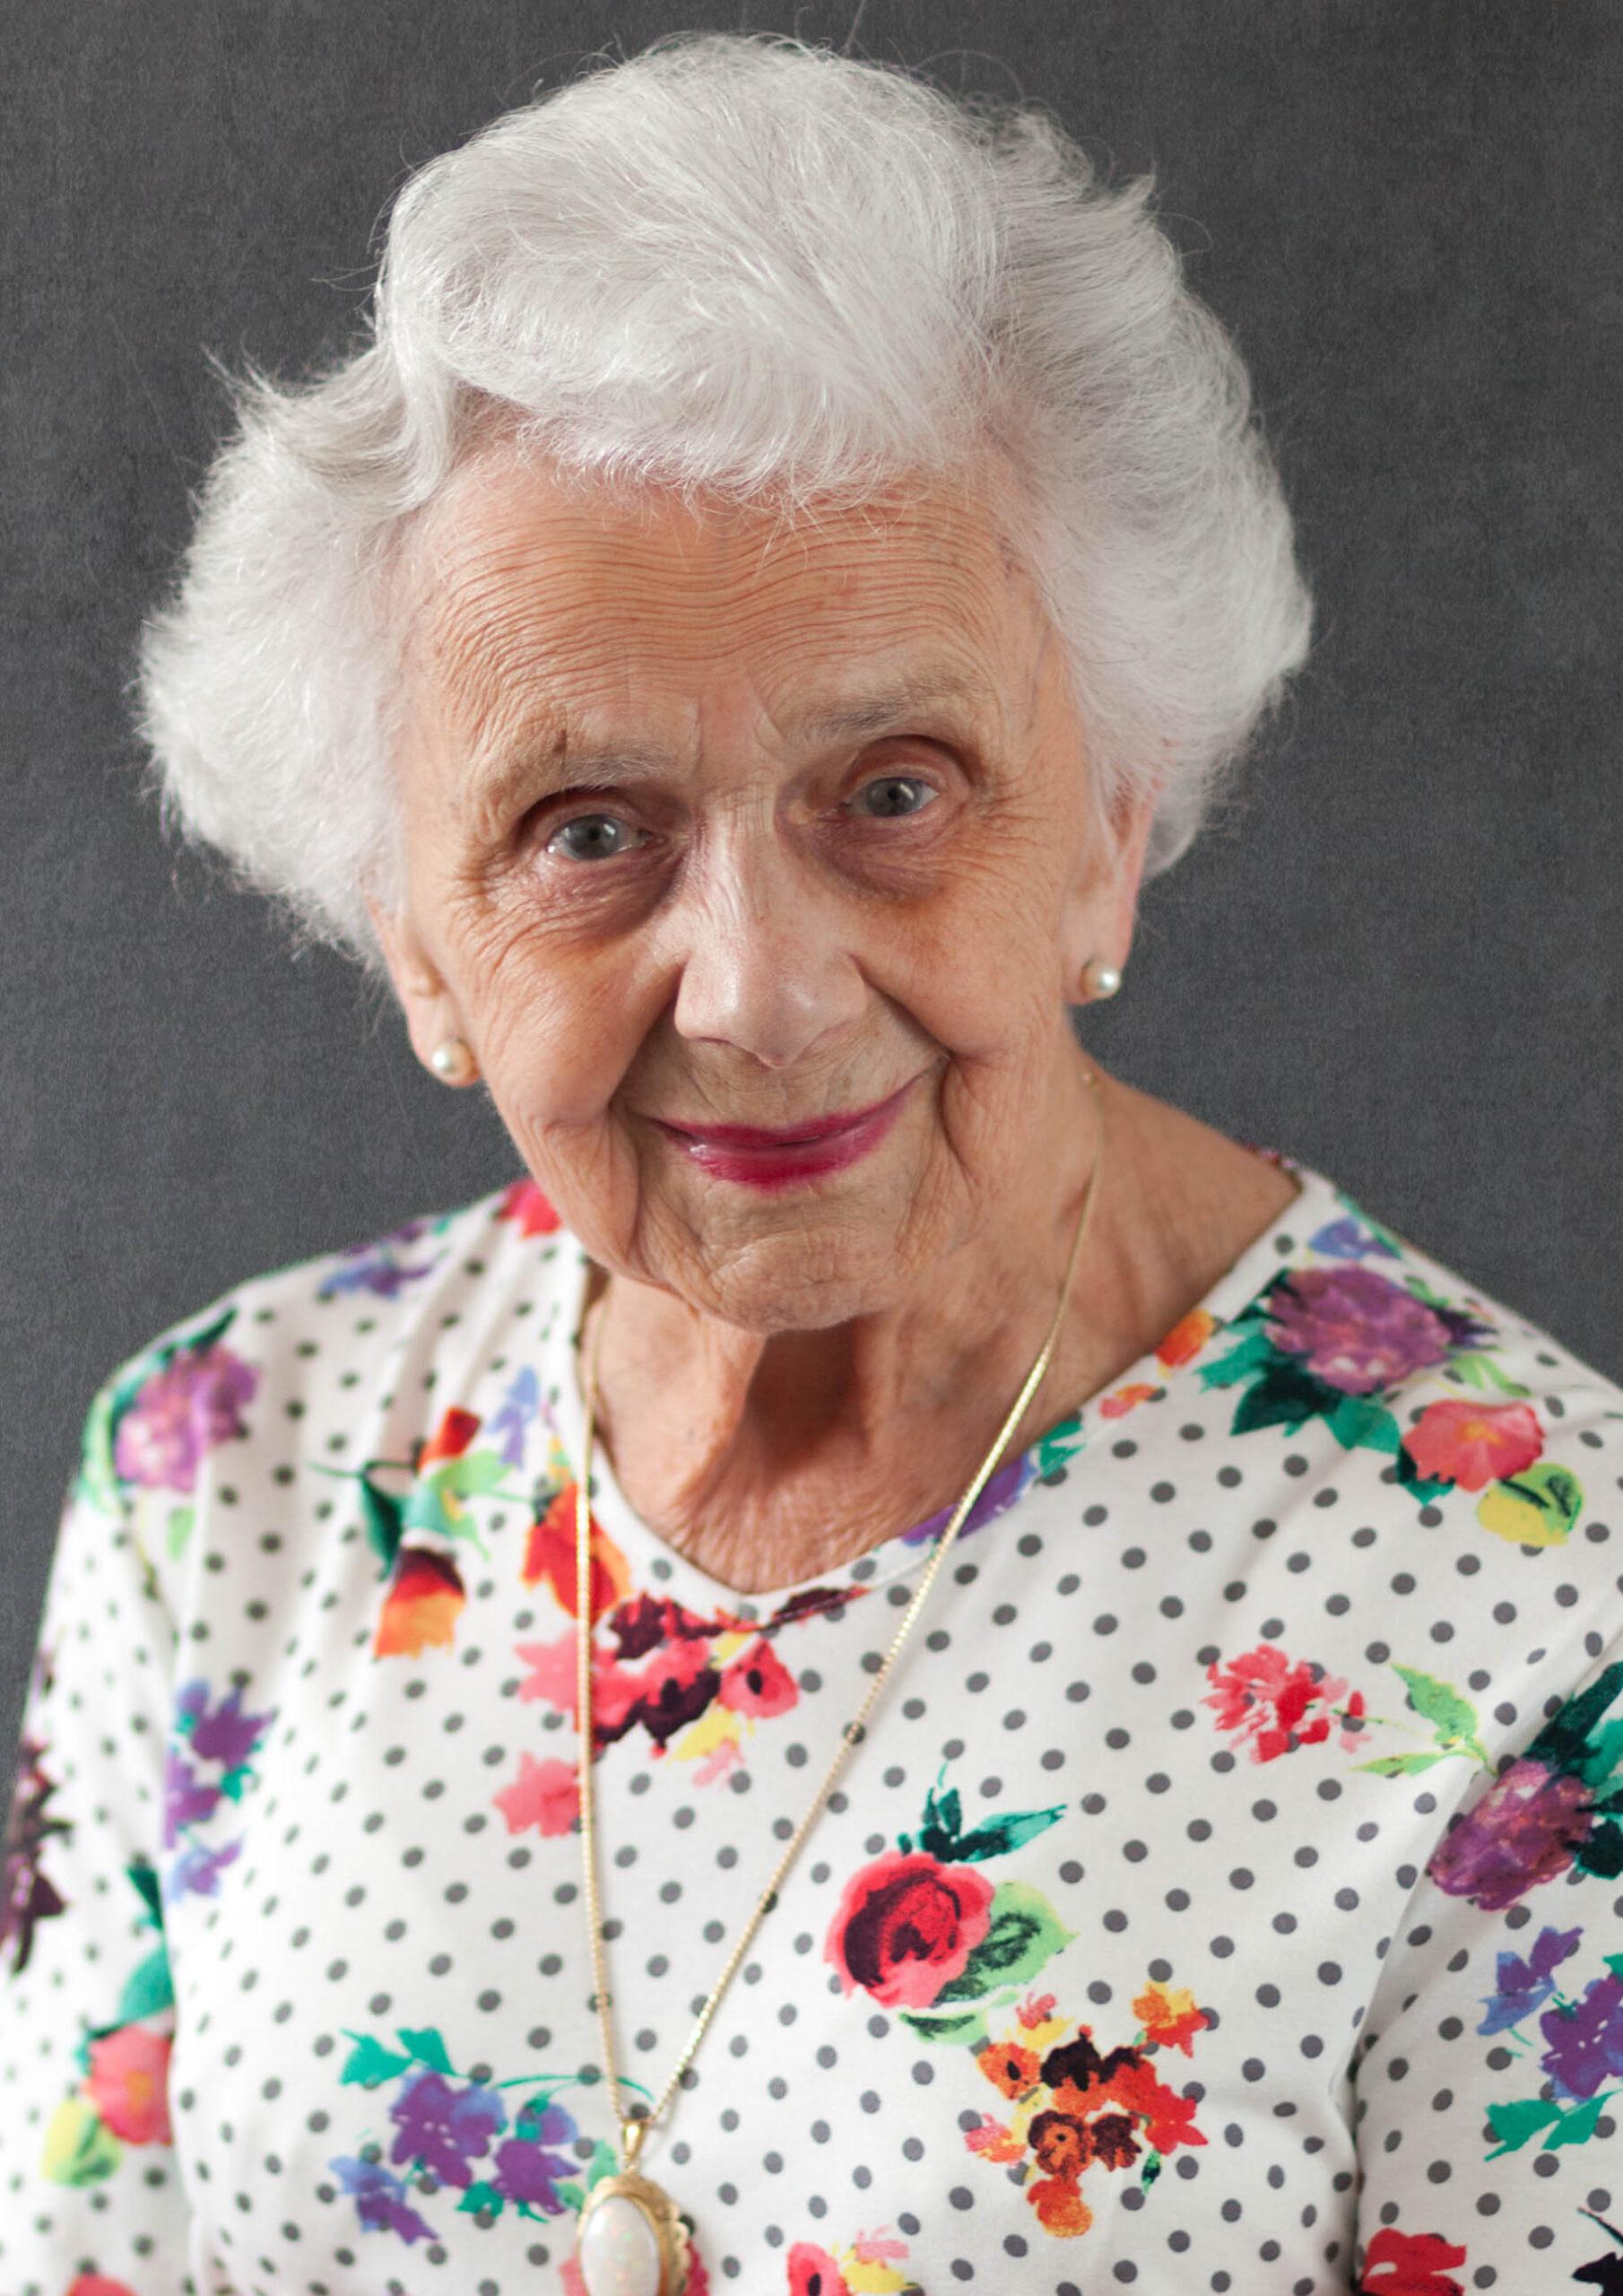 Een mooi portret van iemand die niet lang meer te leven heeft